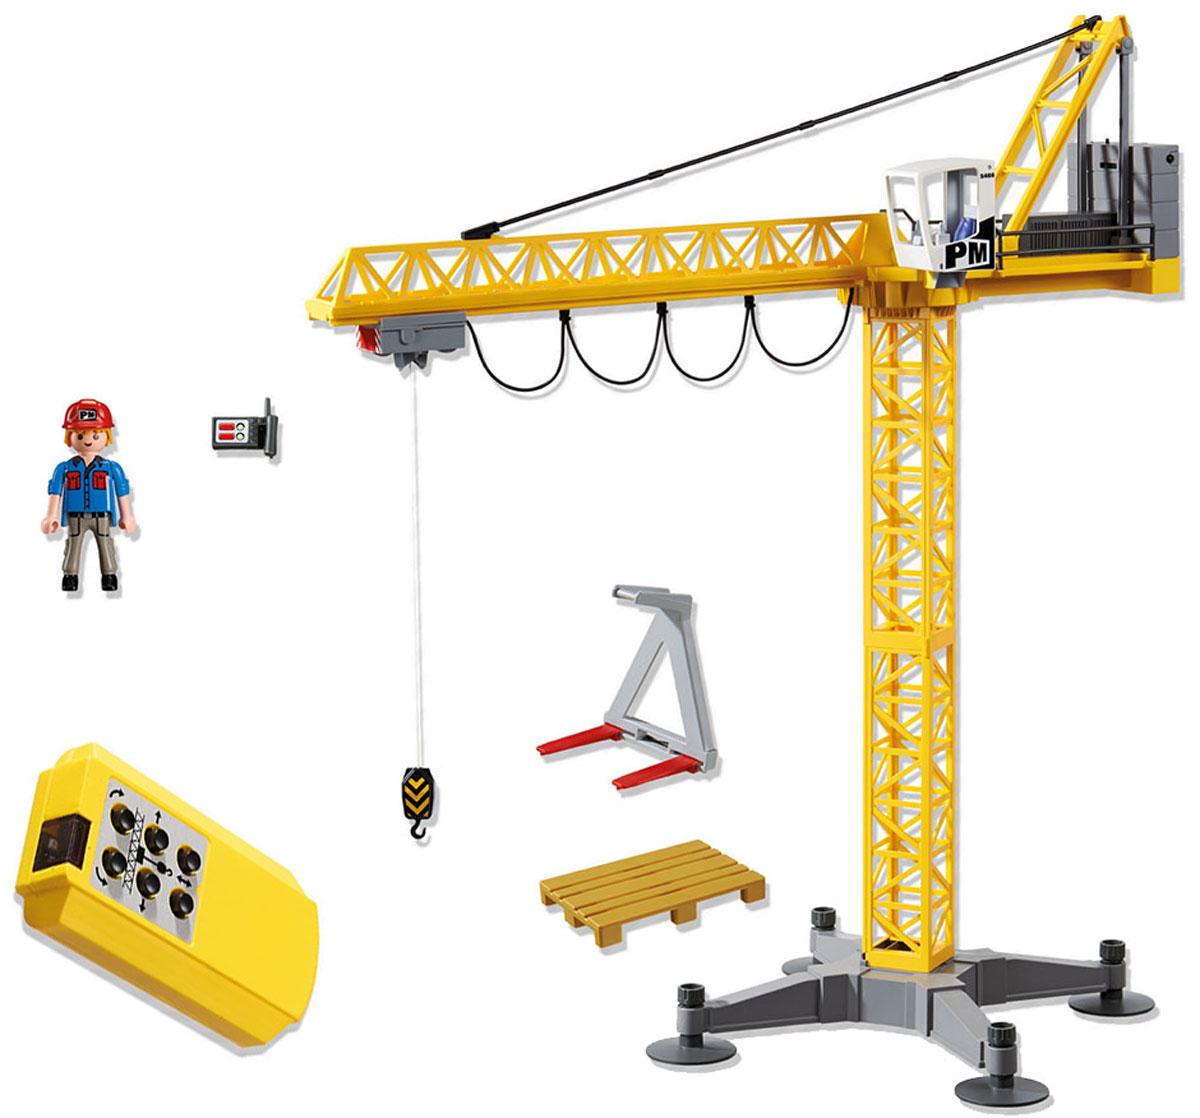 Playmobil Большой строительный кран на инфракрасном управлении5466Игровой набор Playmobil обязательно понравится вашему ребенку. Он выполнен из безопасного пластика и включает большой строительный кран на инфракрасном управлении, пульт управления и аксессуары для игры. Большой строительный кран необходим на любой стройке. С его помощью можно легко переносить самые тяжелые грузы. Кран управляется с ИК-пульта и действует очень точно. Крюк крана перемещается с высокой точностью. У фигурки работника подвижные части тела; в руках он может удерживать предметы. Ваш ребенок с удовольствием будет играть с набором, придумывая захватывающие истории. Рекомендуемый возраст: от 5 до 10 лет. Для работы крана необходимо докупить 4 батарейки напряжением 1,5V типа АА (не входят в комплект). Для работы пульта управления необходимо докупить 2 батарейки напряжением 1,5V типа АА (не входят в комплект).